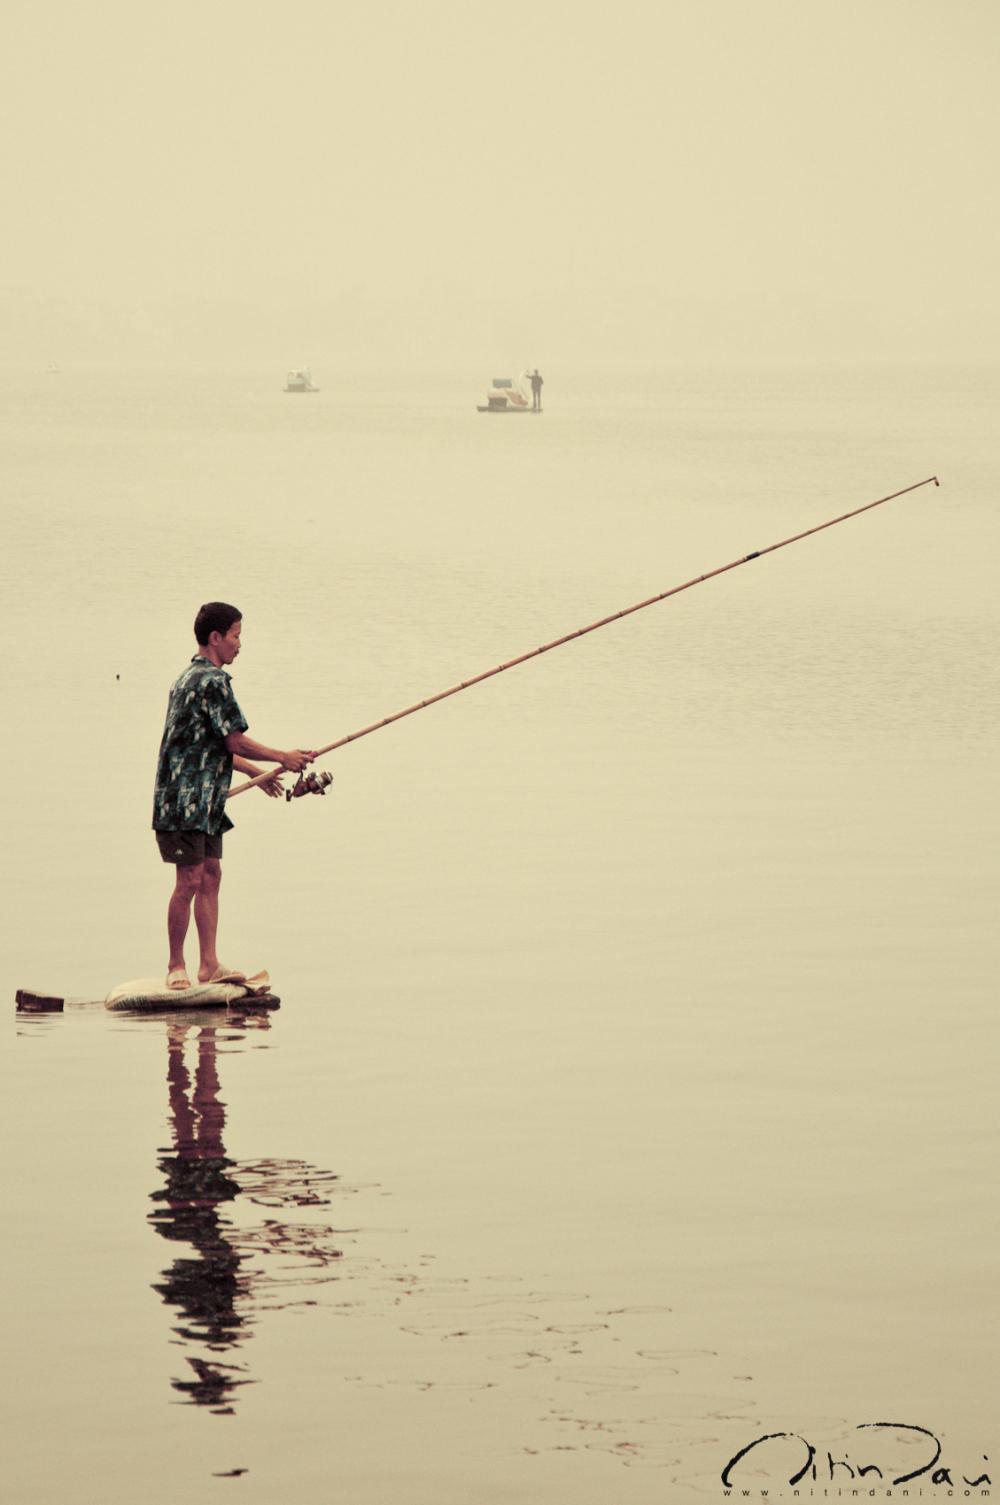 Fishing for danger